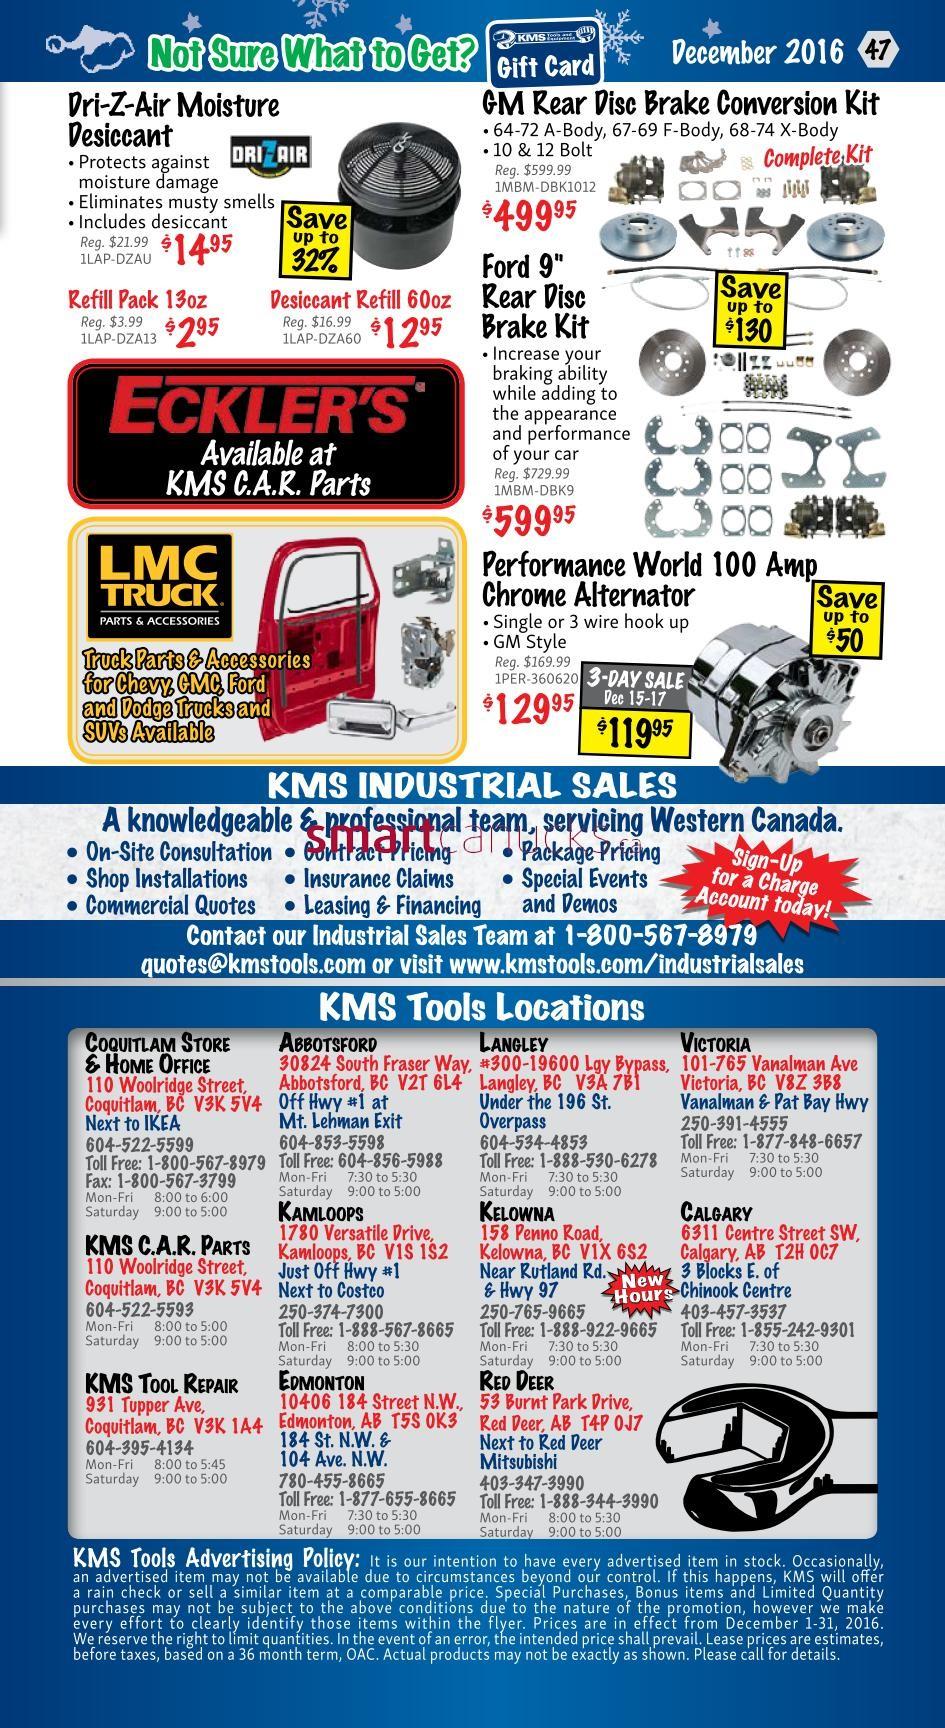 kms tools car parts